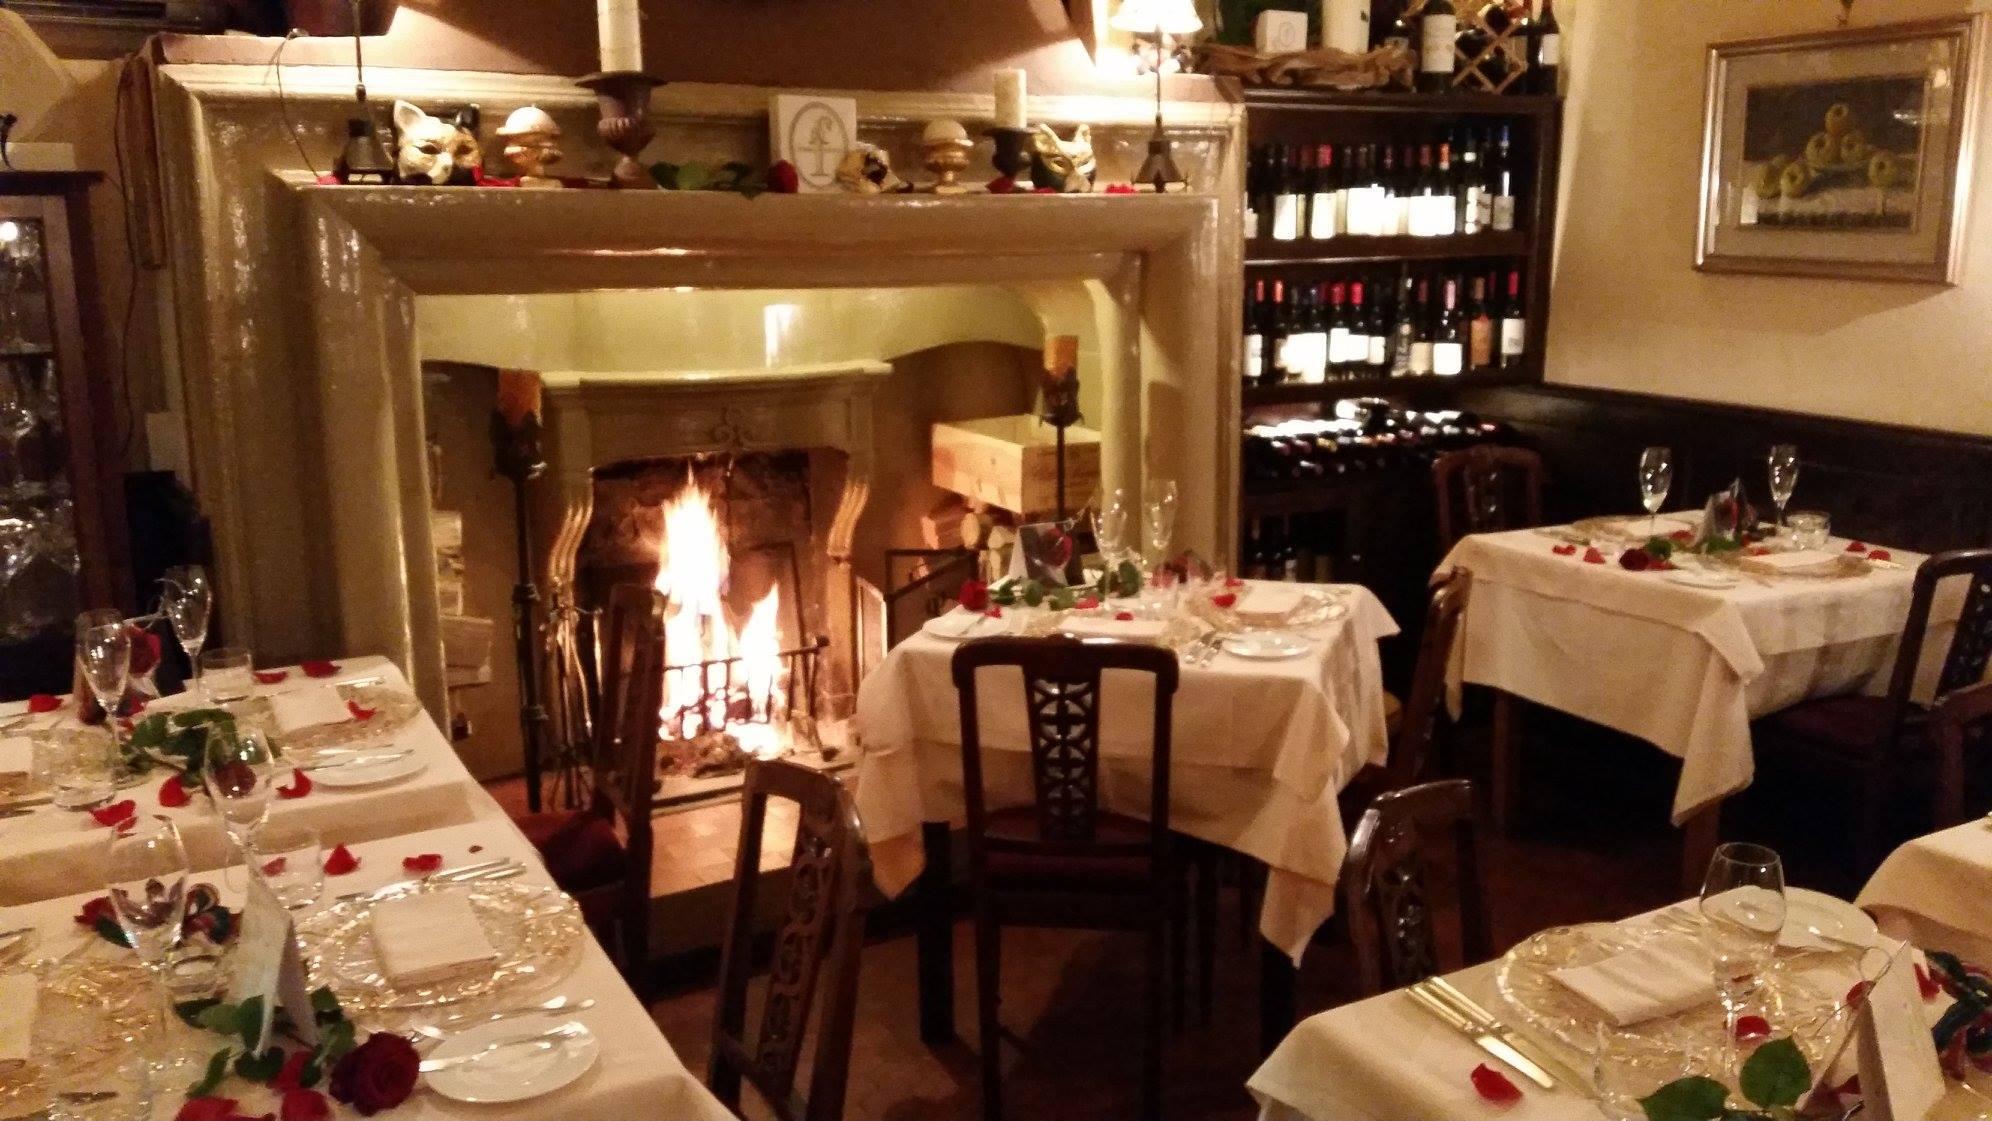 Dica de restaurante lago di Como Itália Da Candida